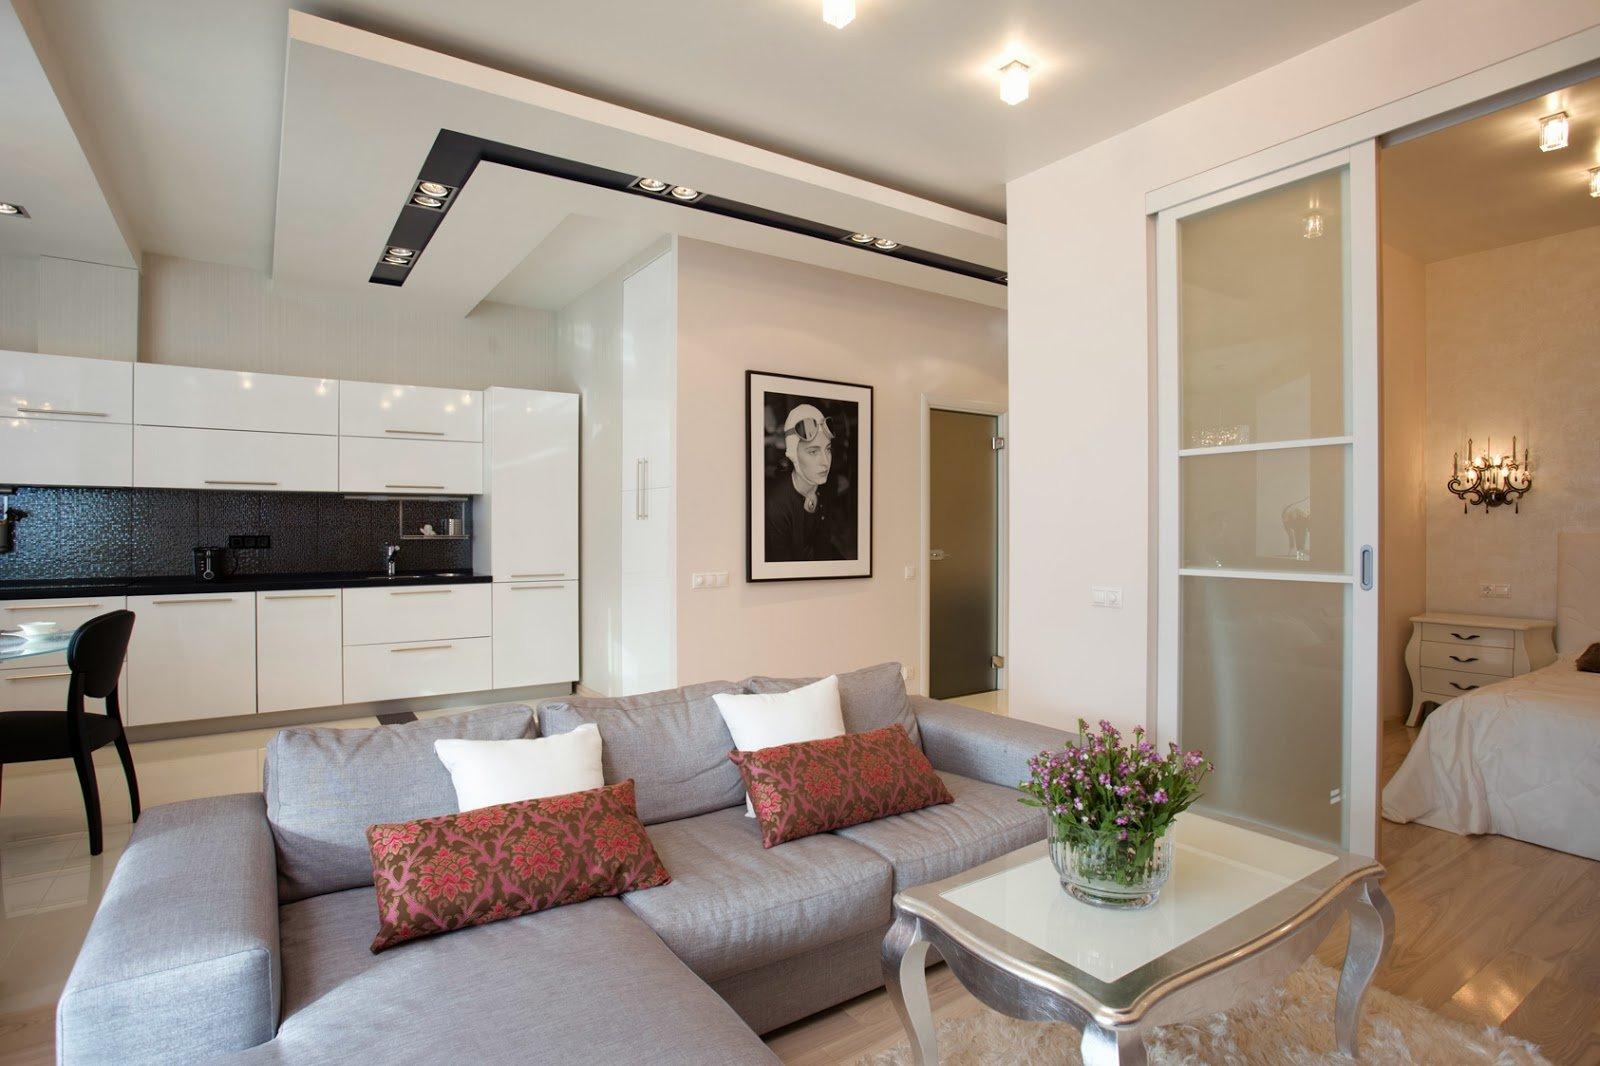 Раздвижные двери в небольшой квартире